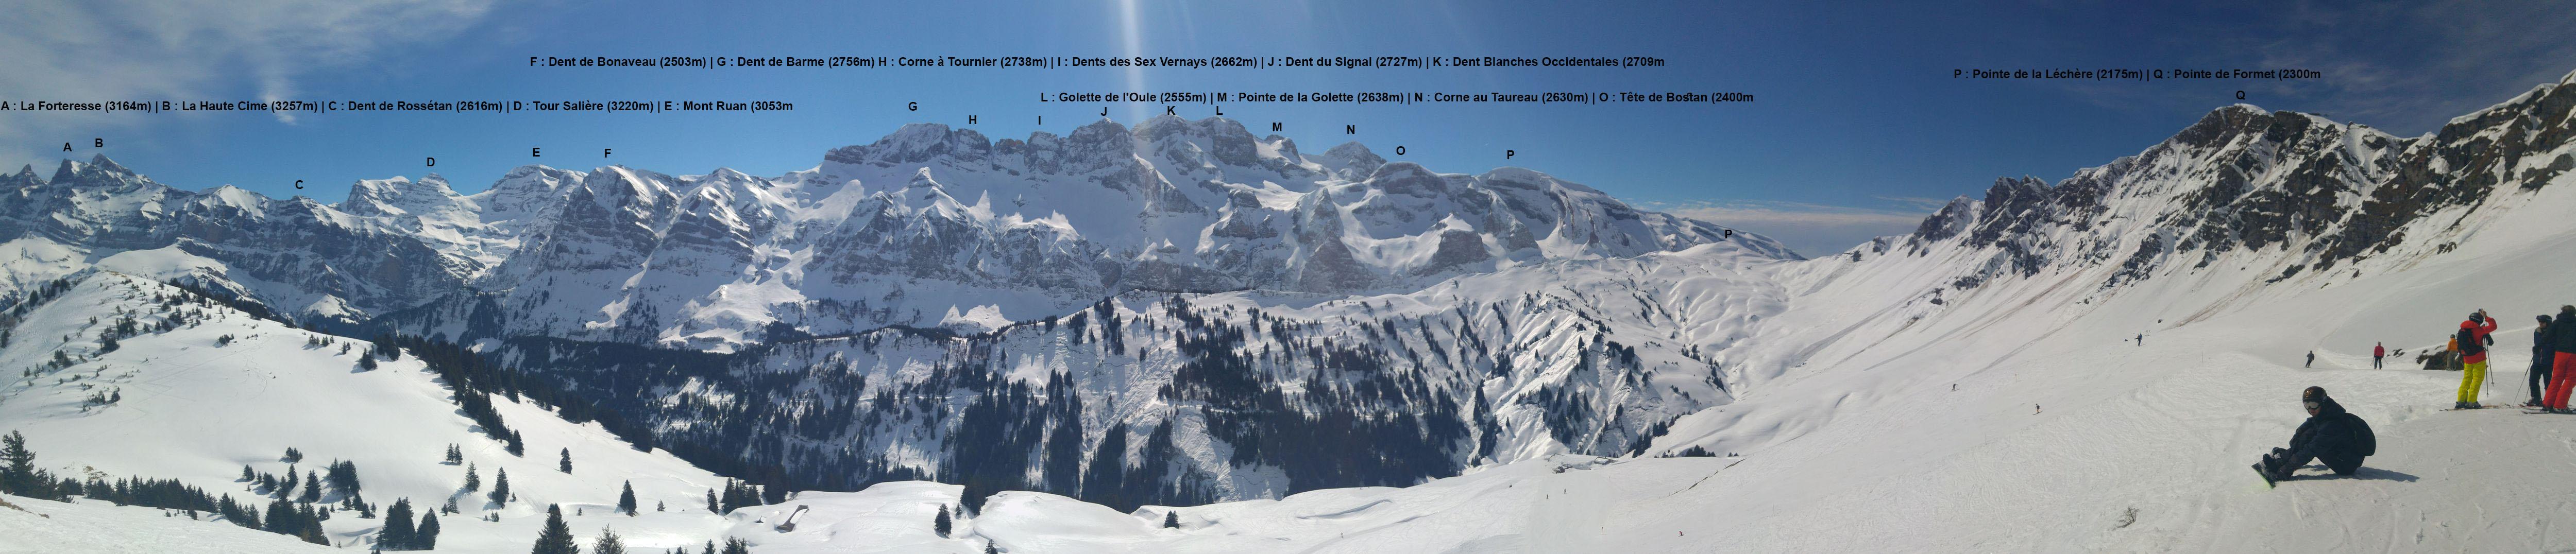 Depuis le sommet du téléski Ripaille 2, un très beau panorama s'ouvre sur le Grand Paradis. Photo : valdabondance.com © B. Guffroy